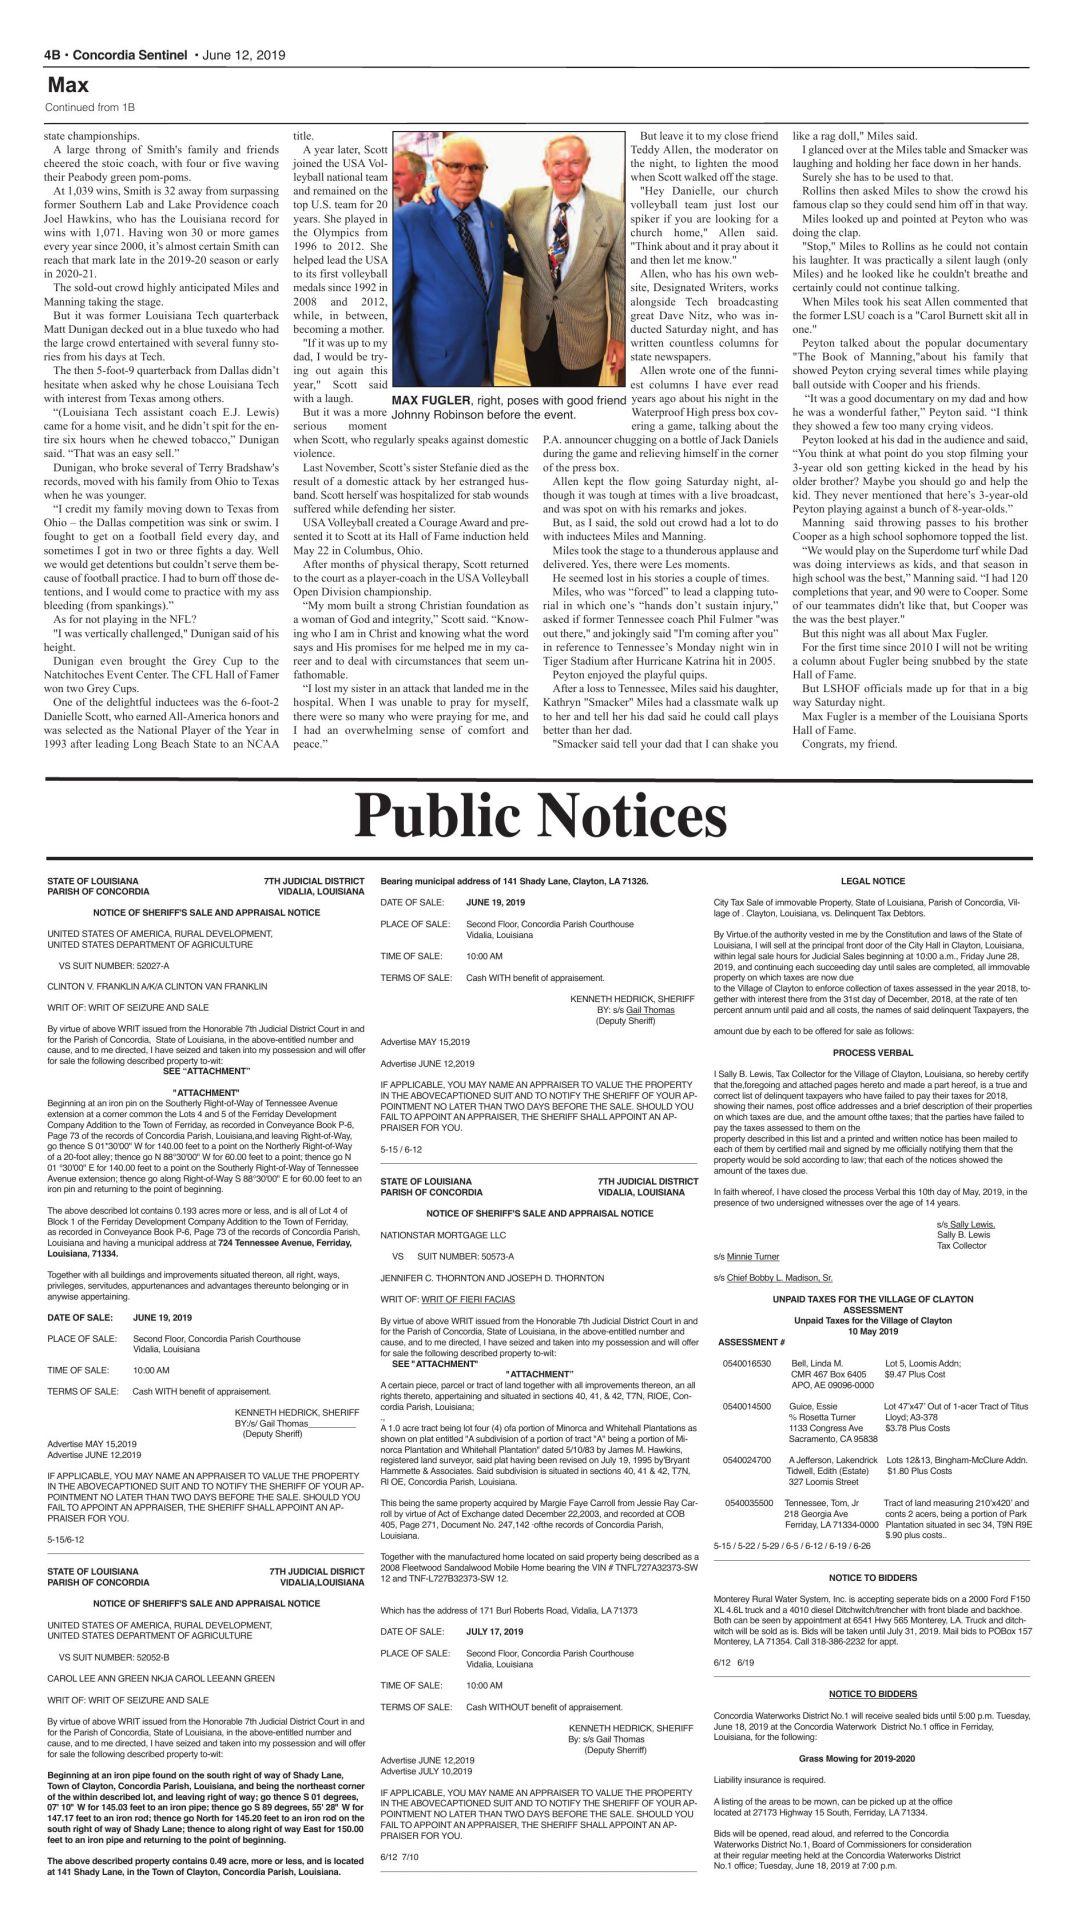 Public Notices - June 12, 2019